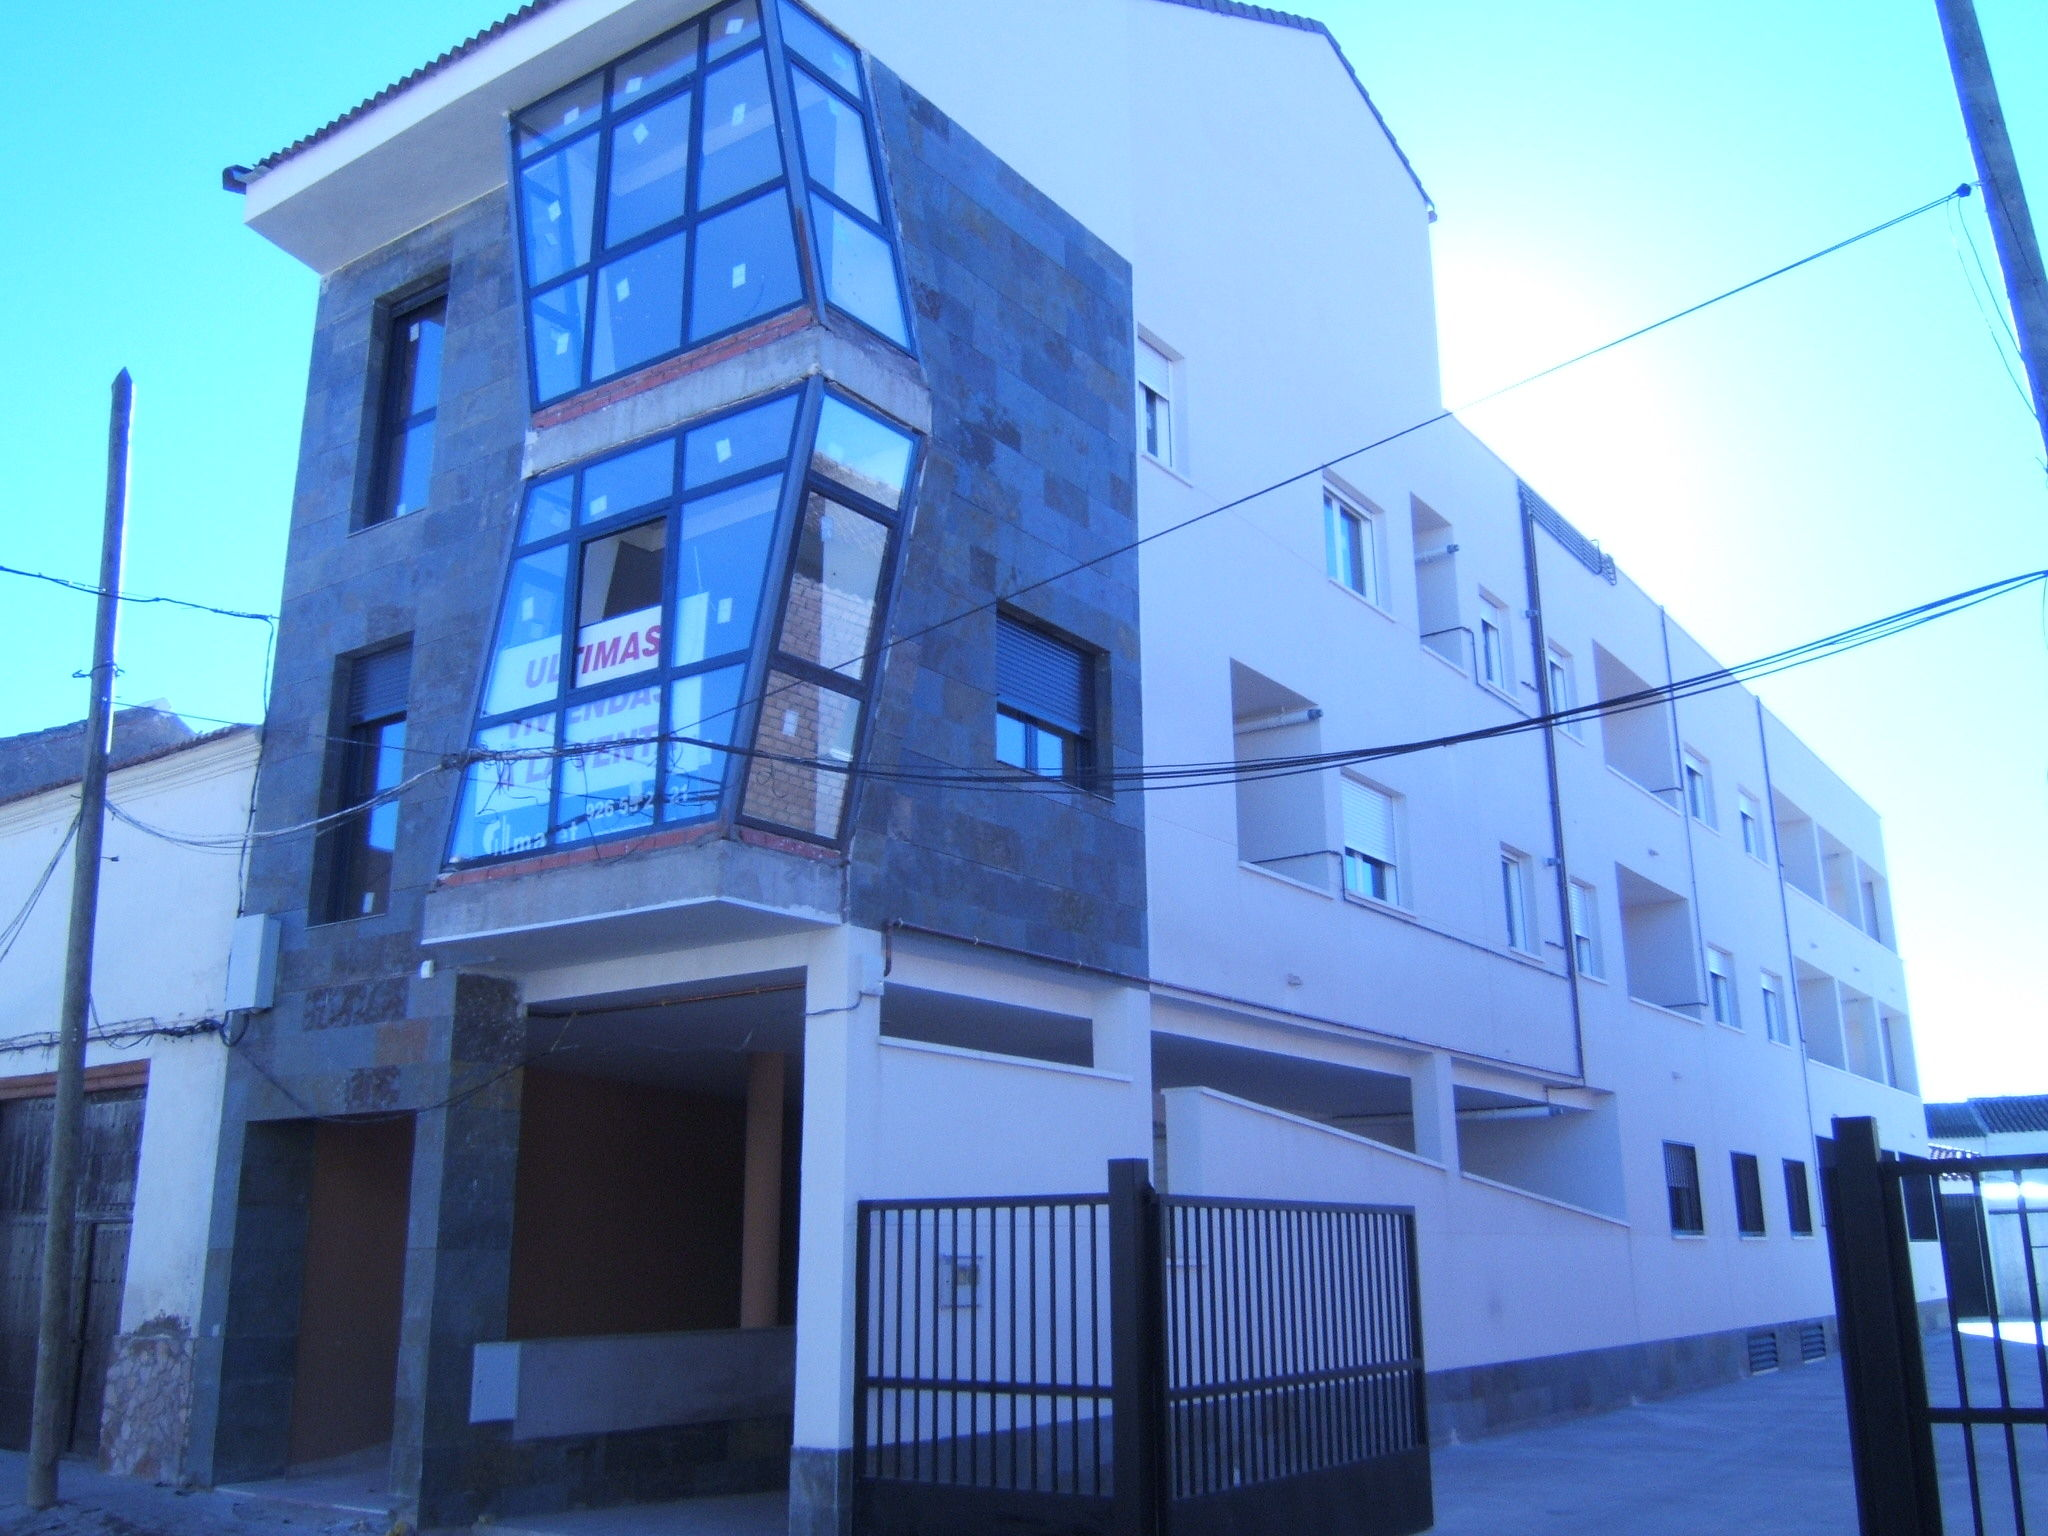 Edificio de viviendas en Alcázar de San Juan